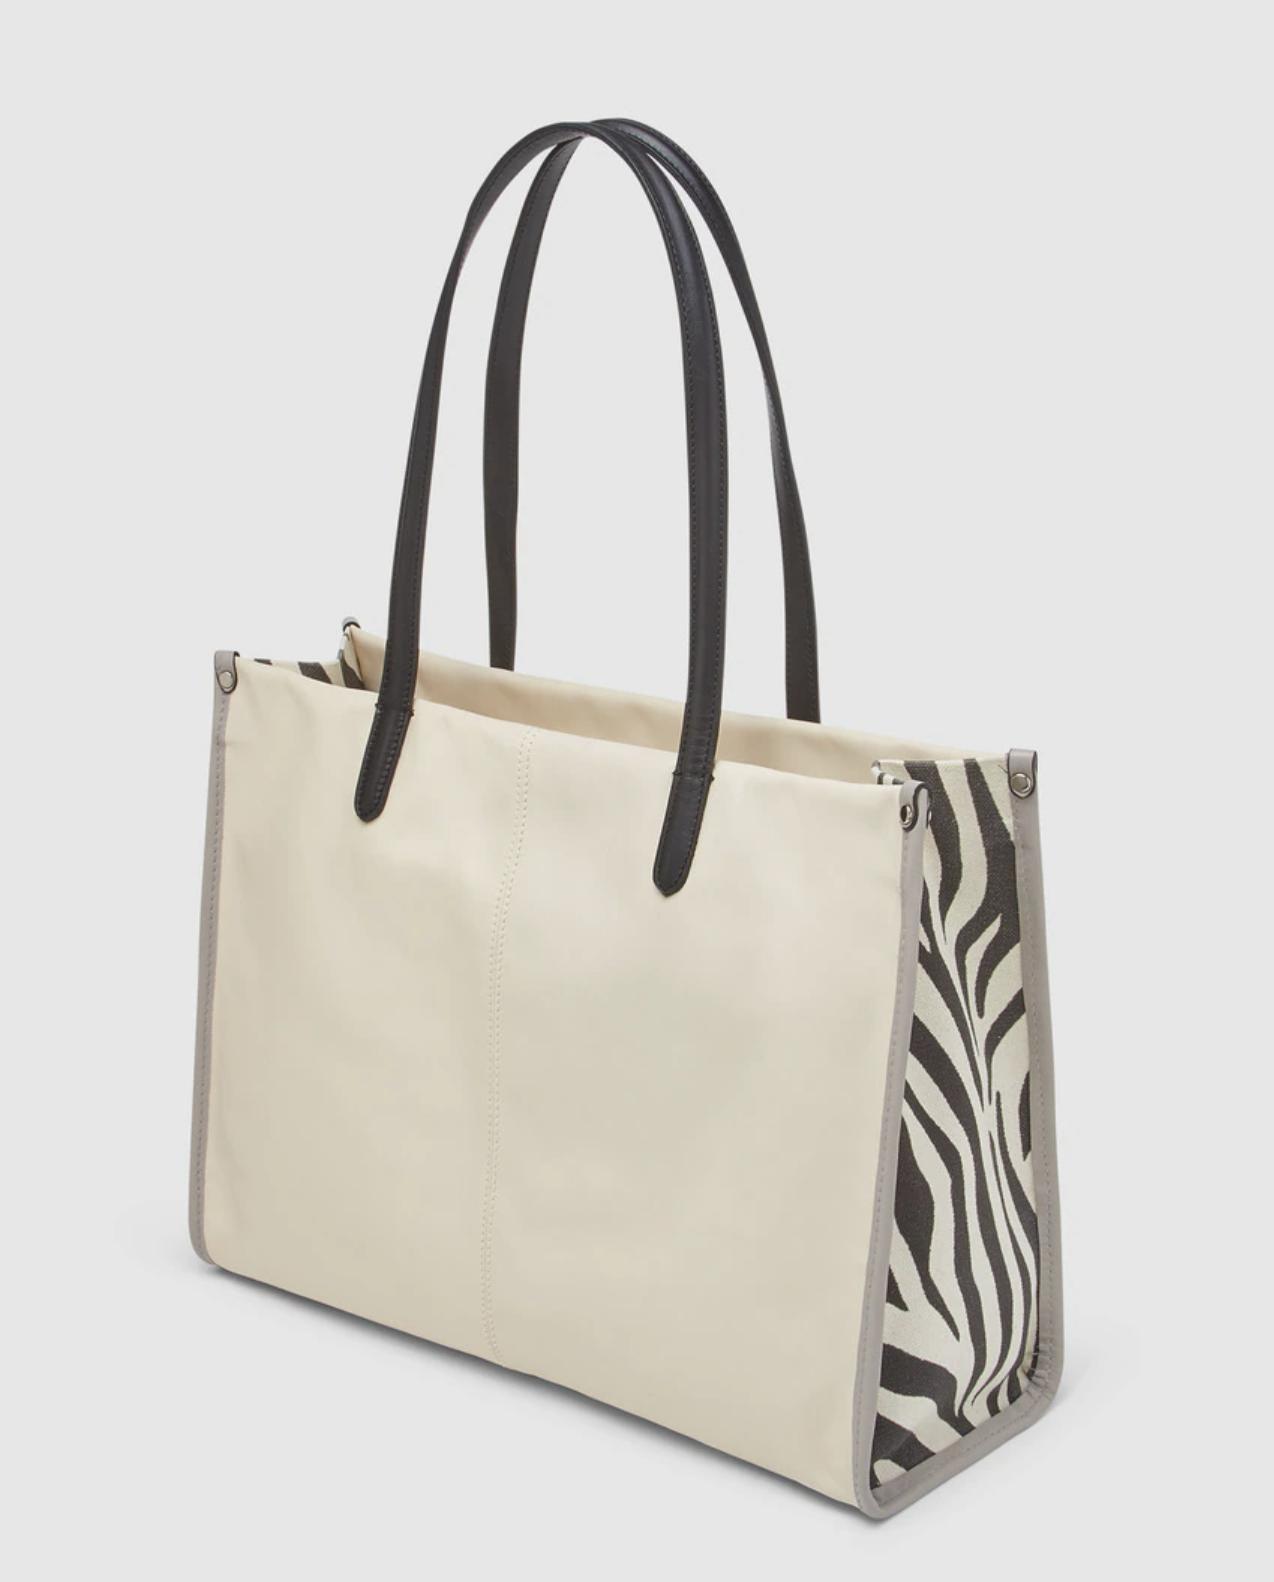 Bolso shopper grande Innue de piel en beige con laterales animal print